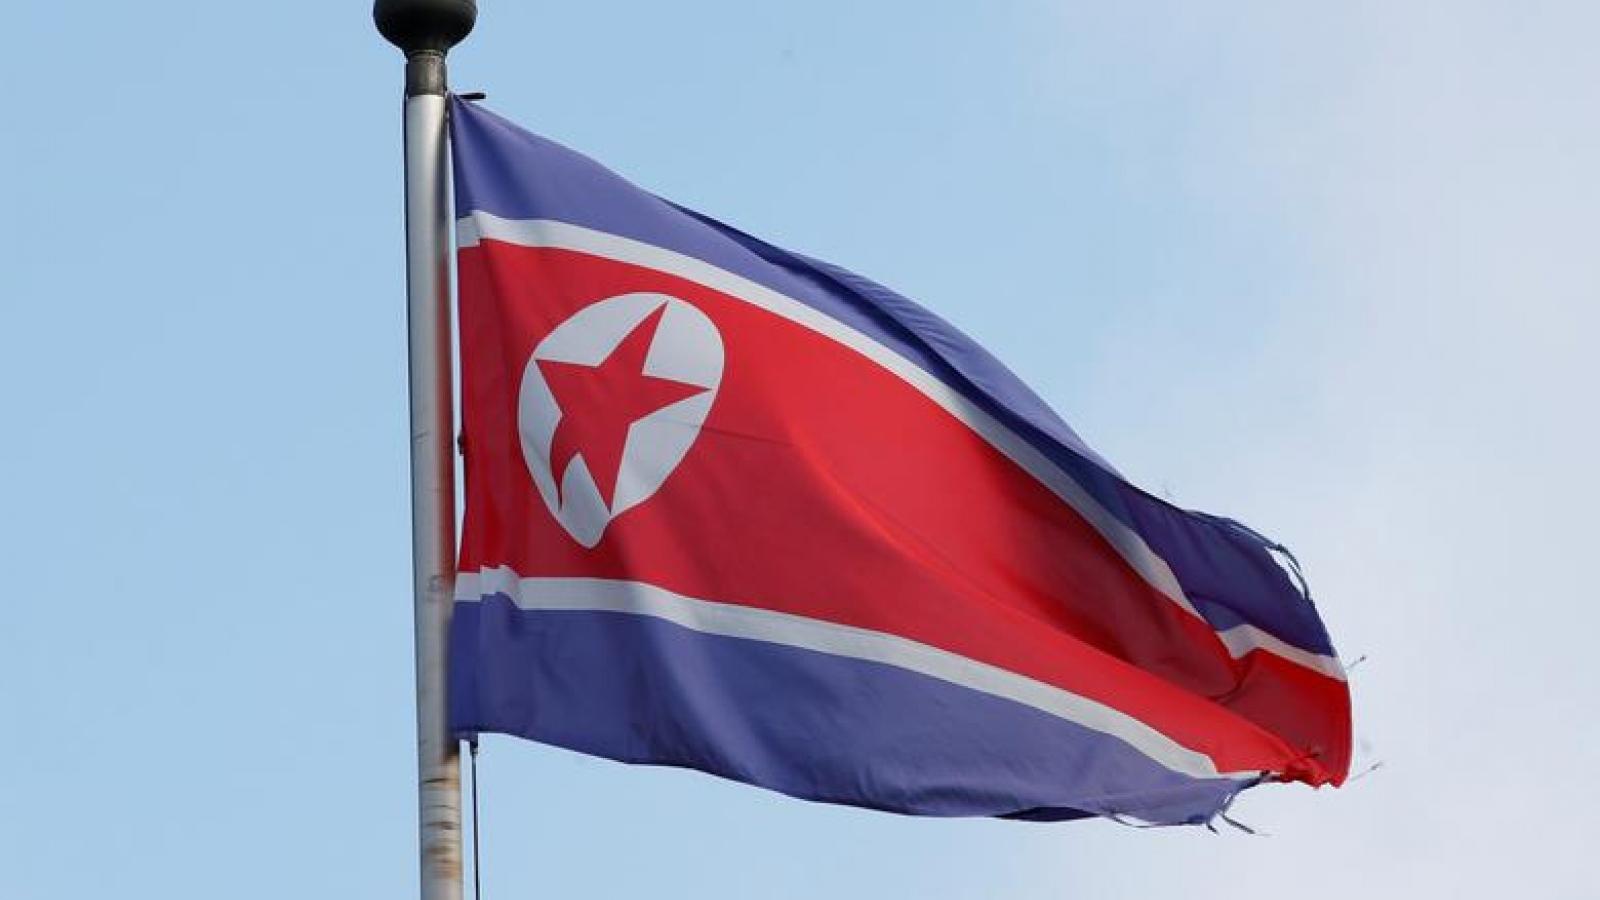 Hàn Quốc: Triều Tiên bắn 2 tên lửa đạn đạo ra Biển Nhật Bản